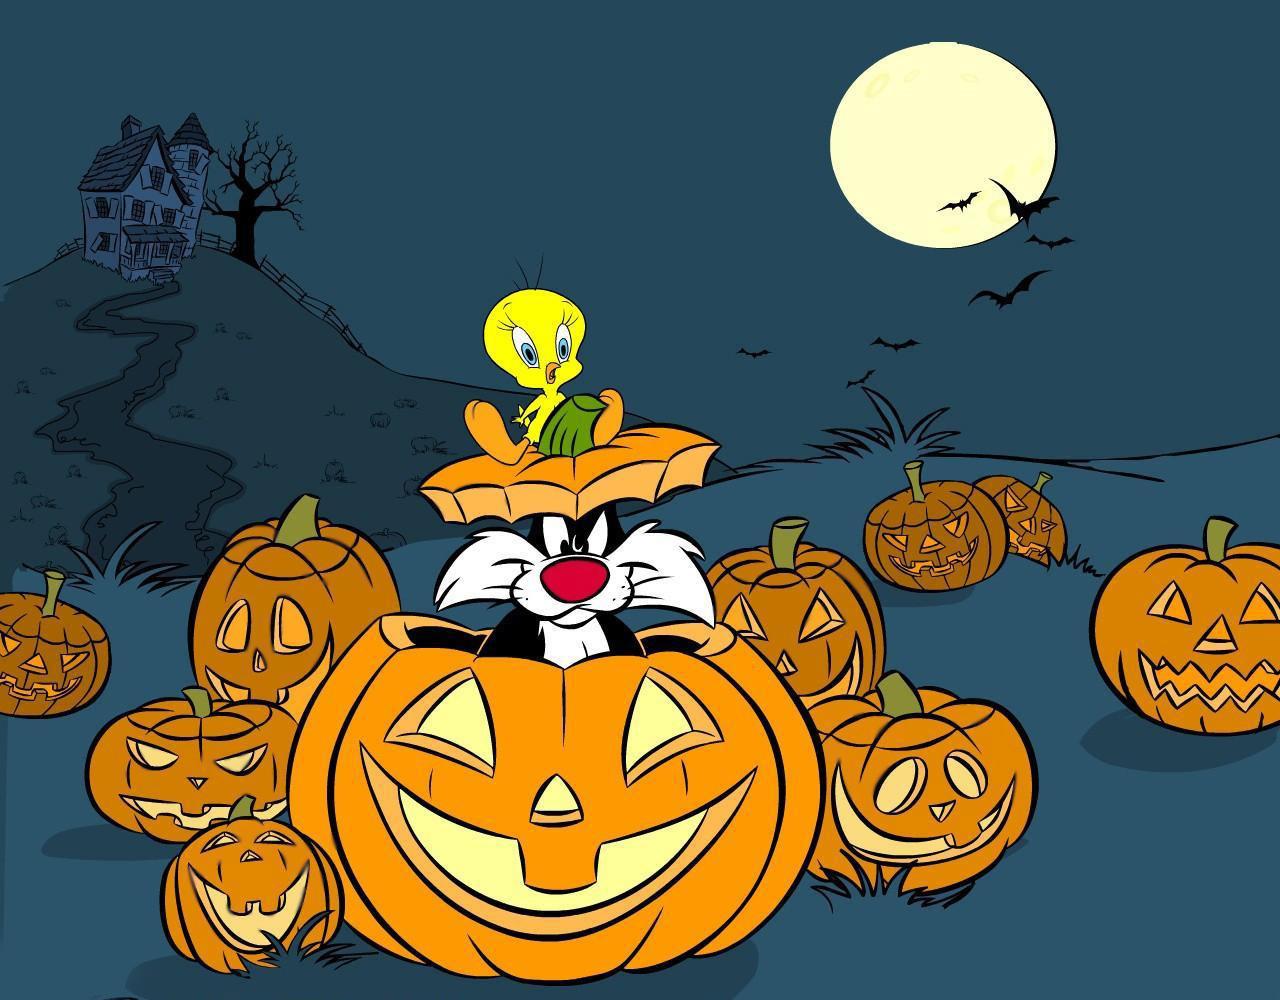 http://1.bp.blogspot.com/-Nsd4Ak-vPjQ/T-AaBEC9JcI/AAAAAAAAACk/N2TC7wHWXMM/s1600/Tweety-Halloween-Background.jpg